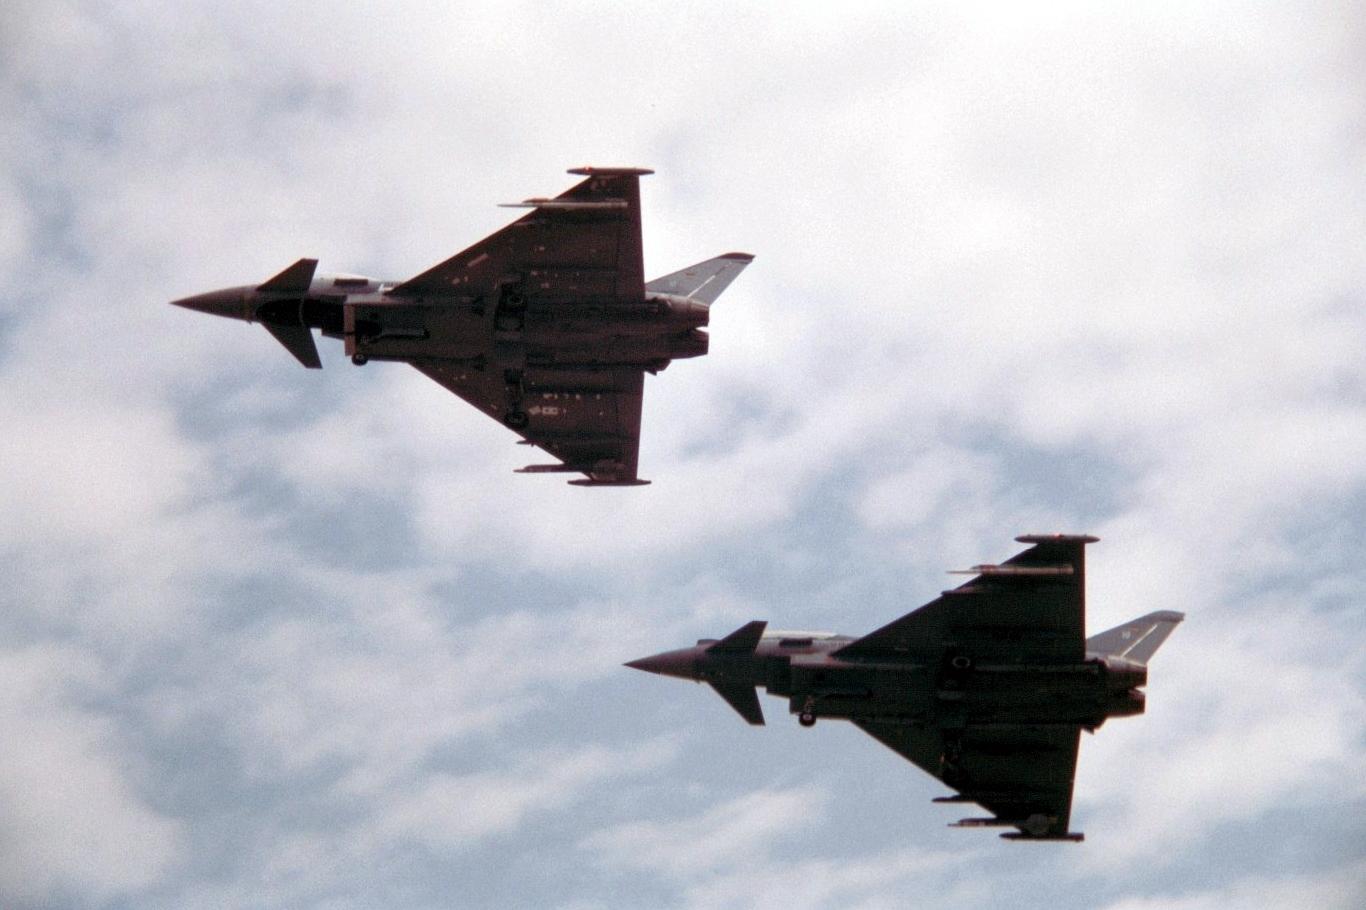 2 Eurofighter - Manching 2006